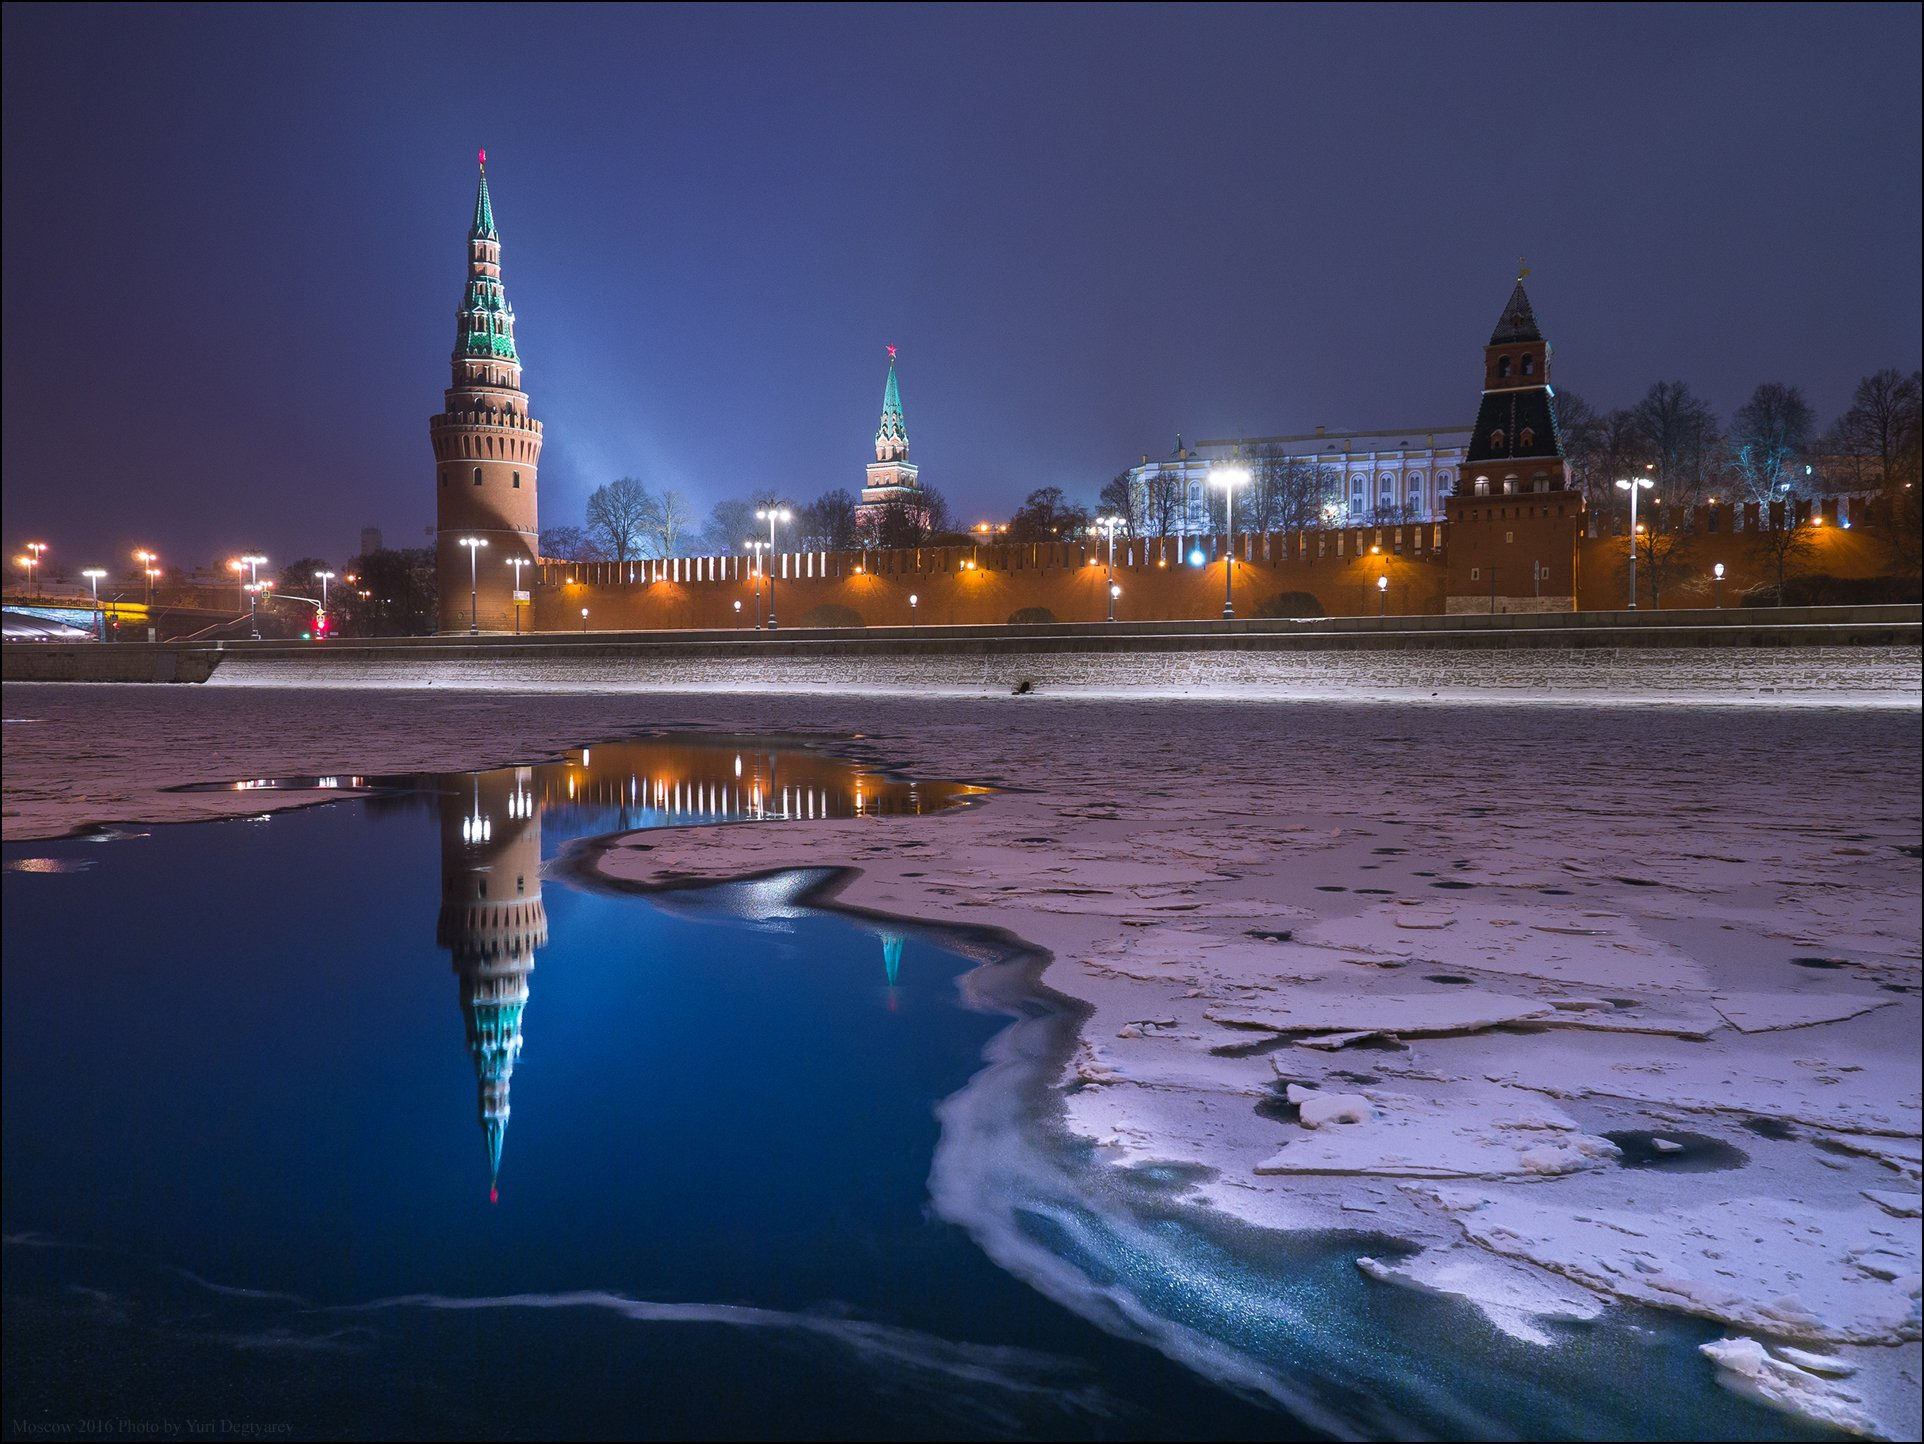 россия, москва, город, столица, зима, кремль, водовзводная, башня, река, лёд, снег, отражение, ночь, Юрий Дегтярёв